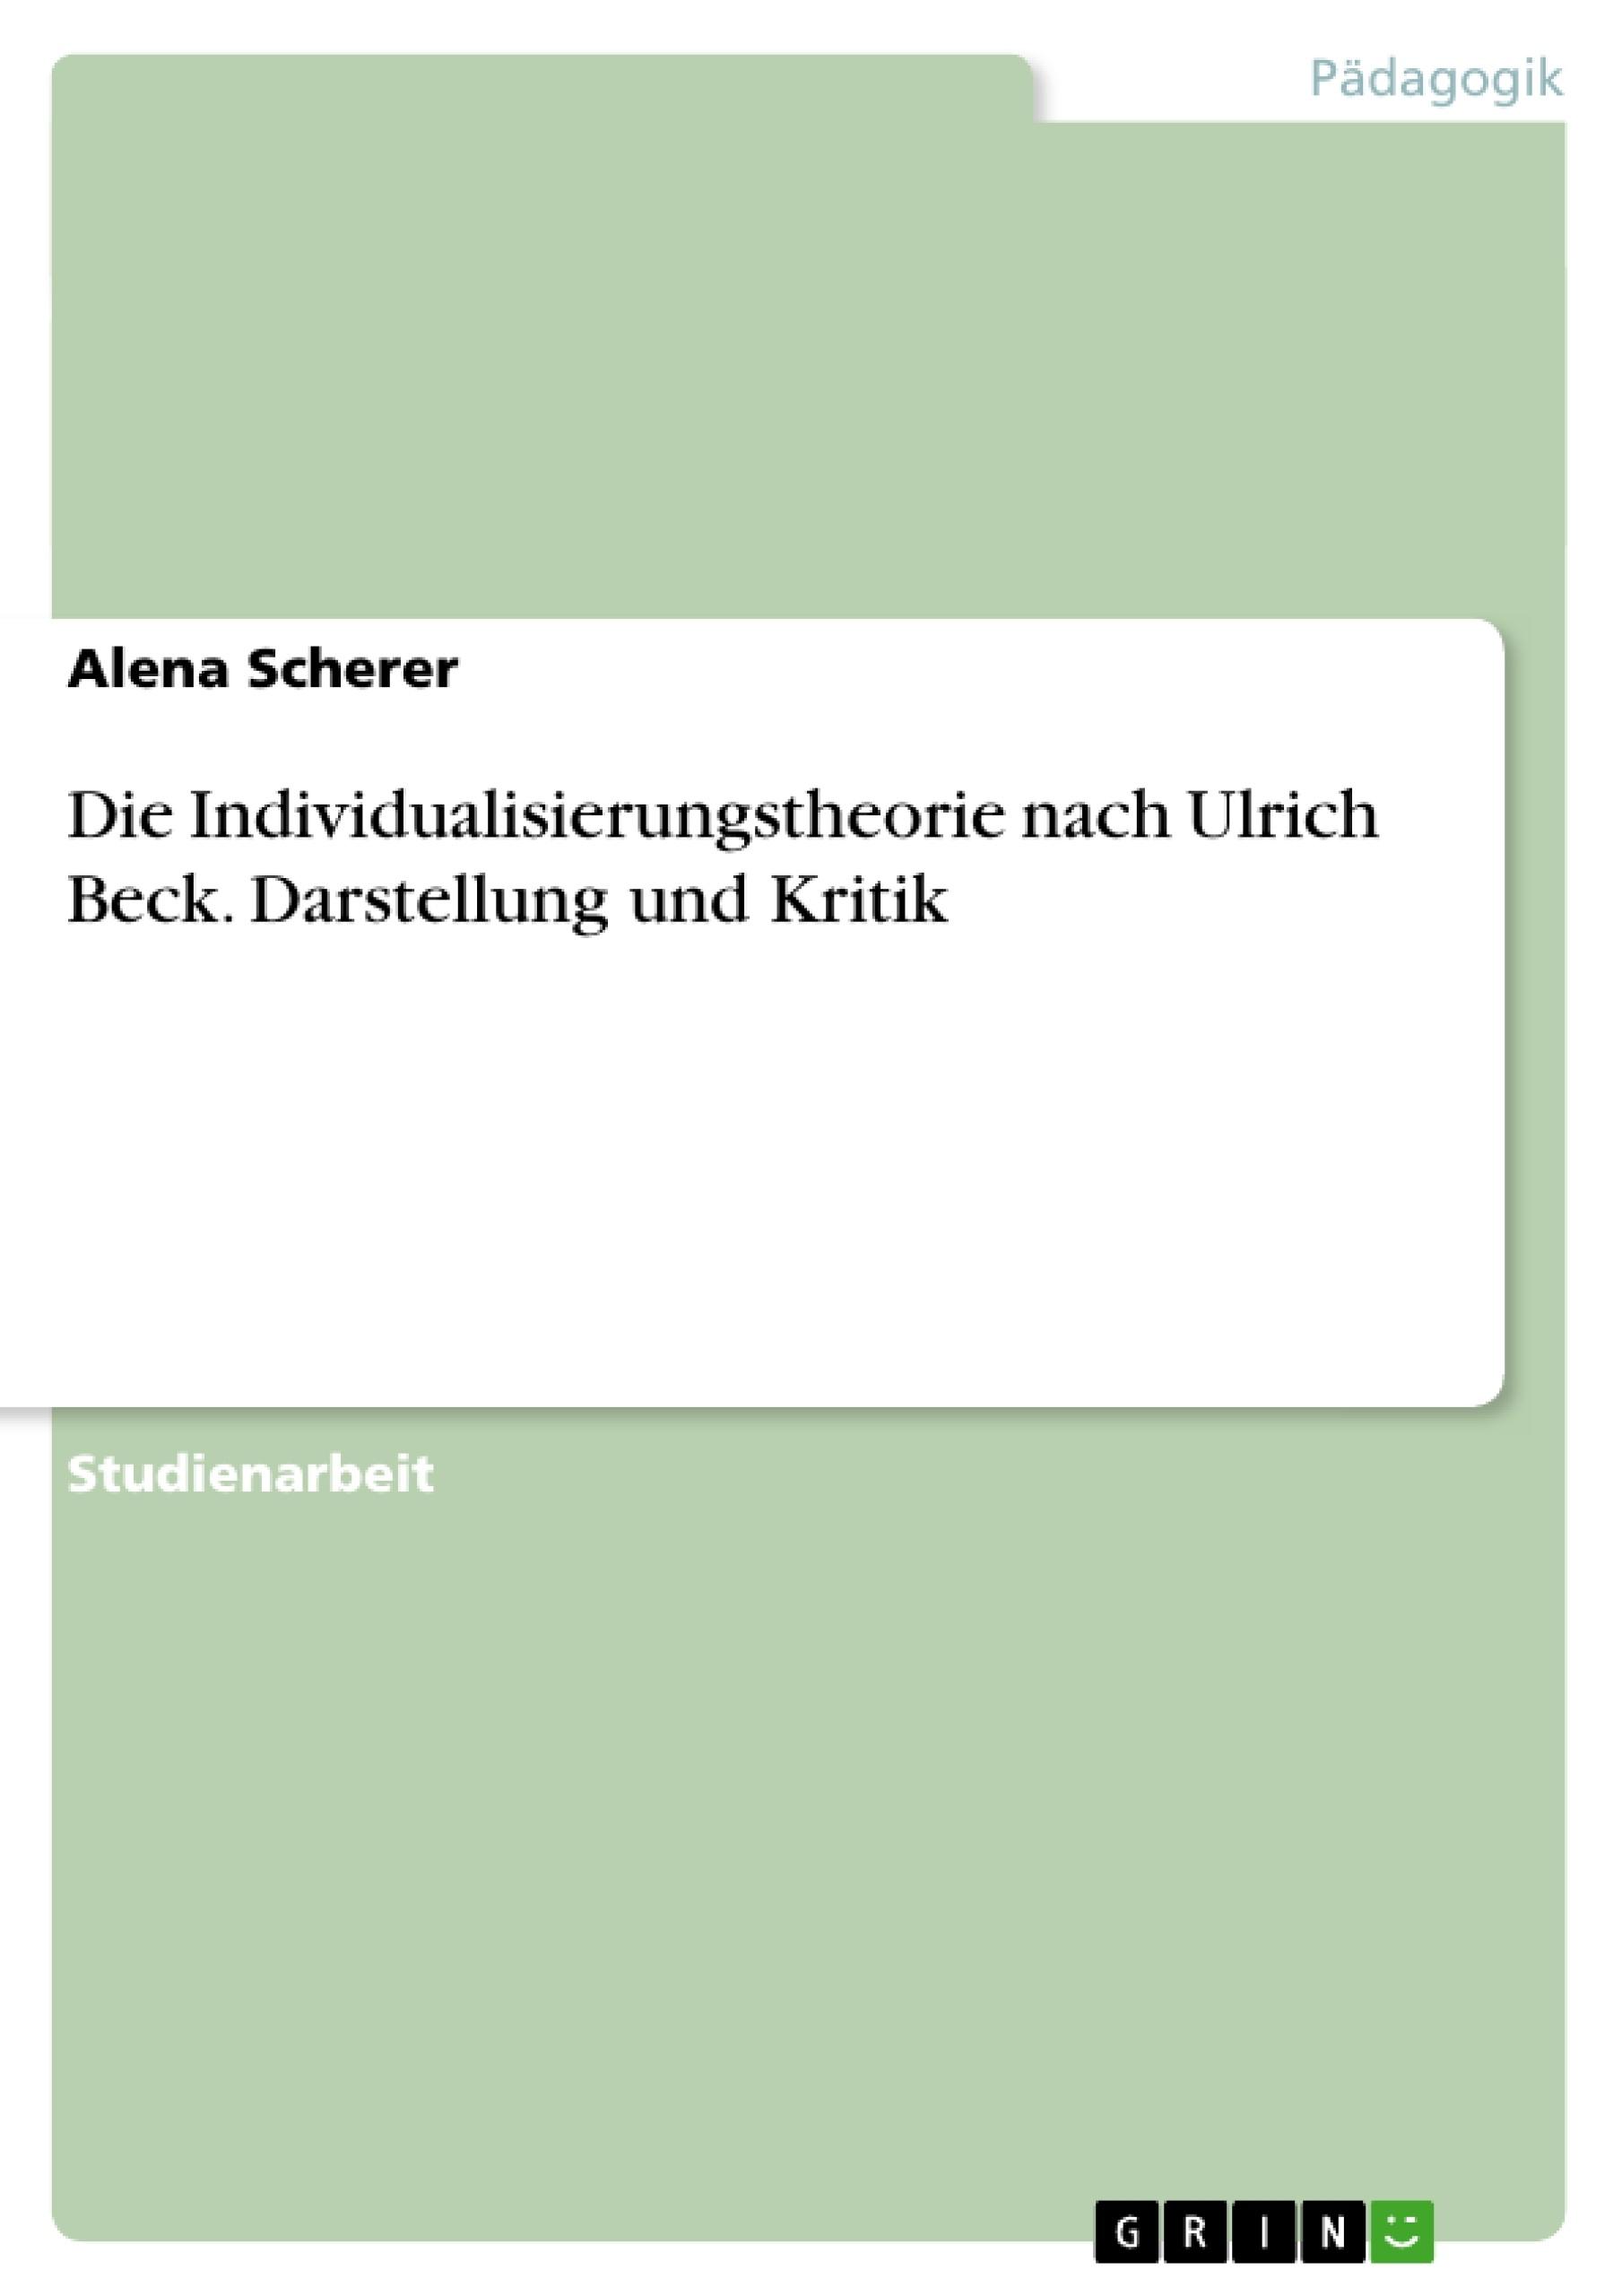 Titel: Die Individualisierungstheorie nach Ulrich Beck. Darstellung und Kritik